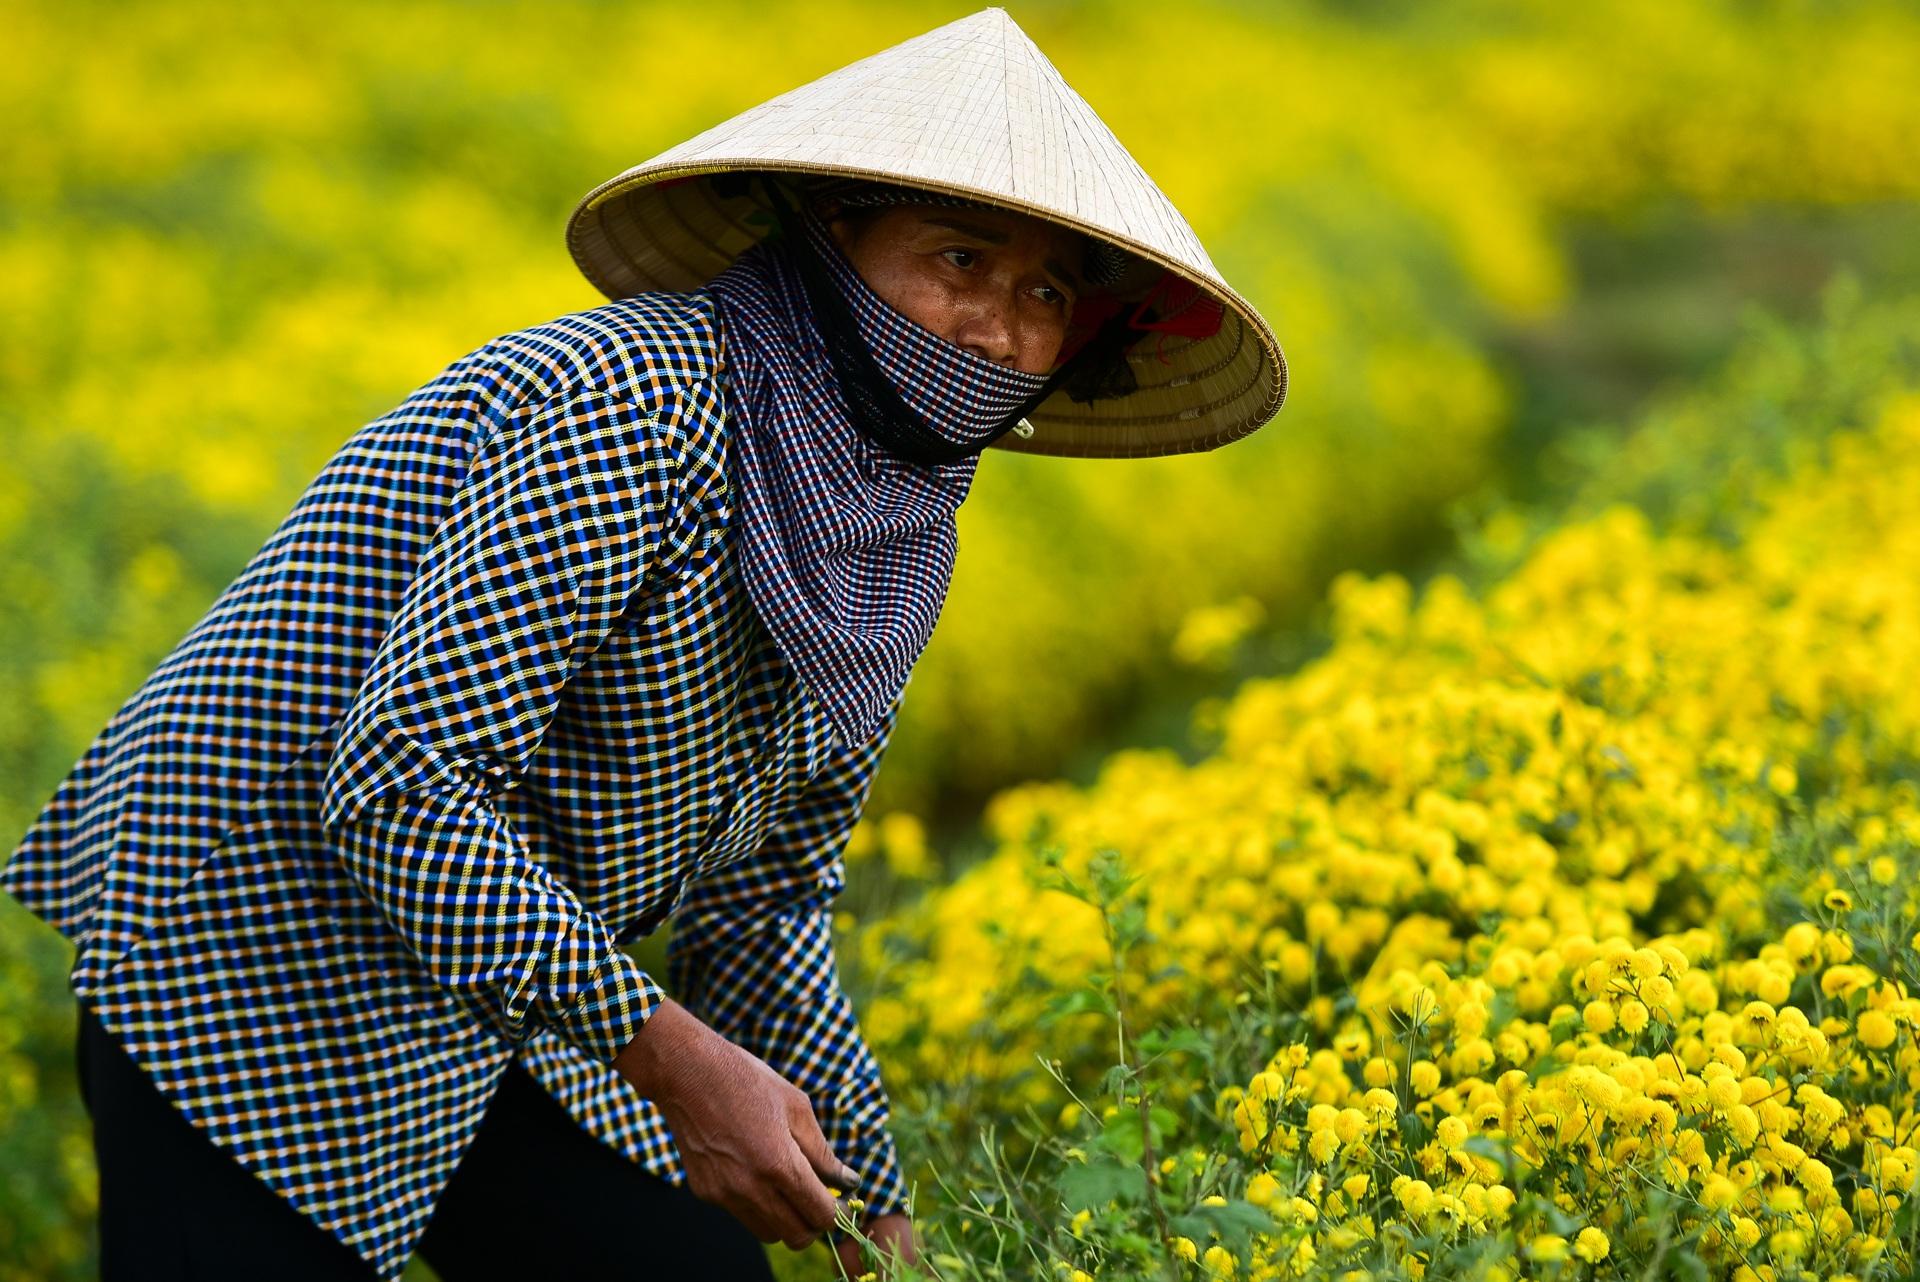 Ngắm cánh đồng cúc tiến vua vàng ruộm mộng mơ tại Nghĩa Trai, Hưng Yên - 14